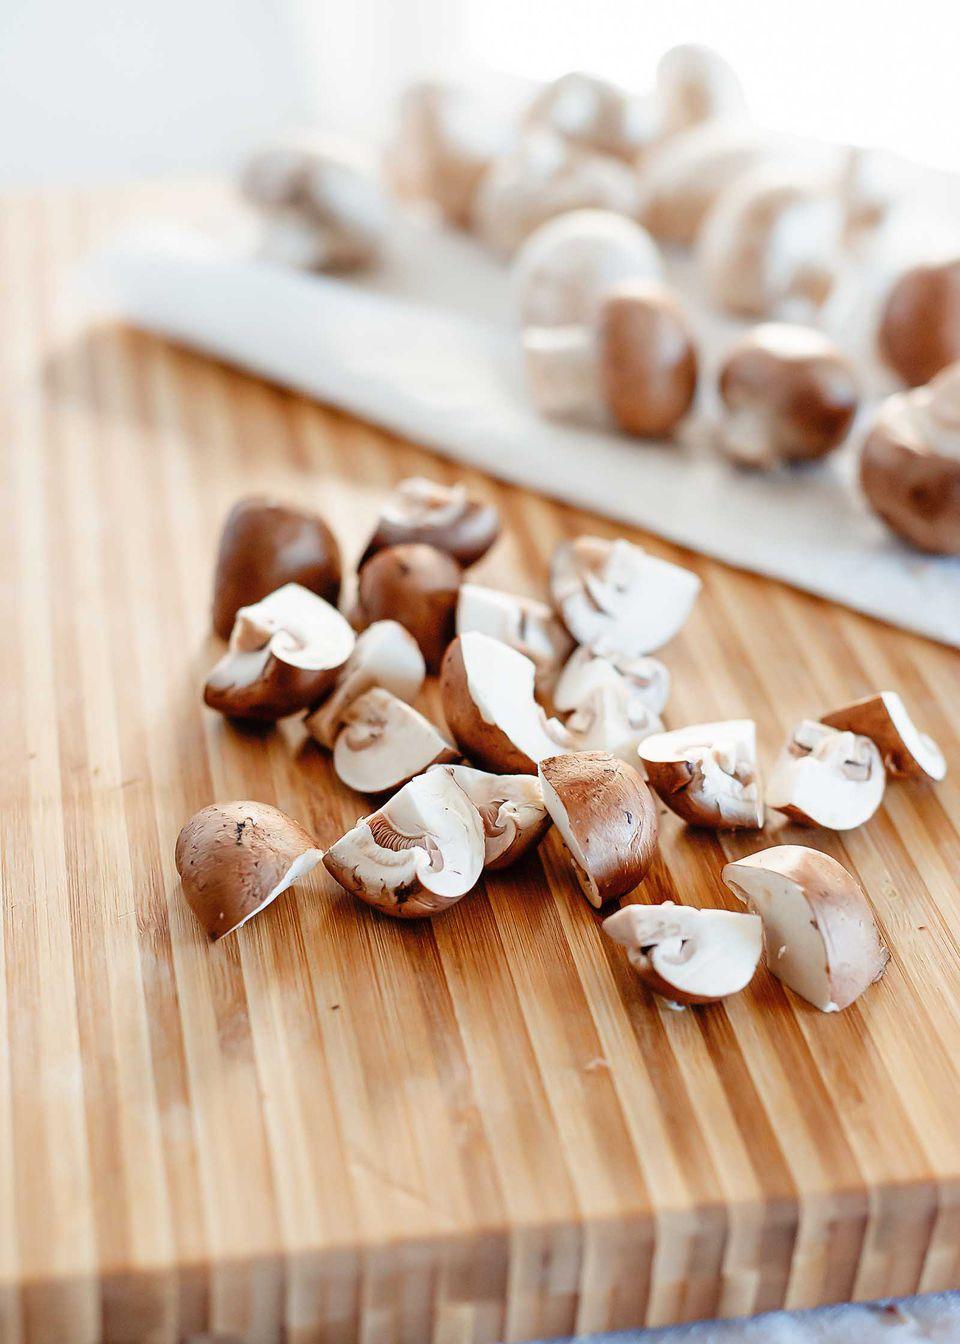 quarter mushrooms